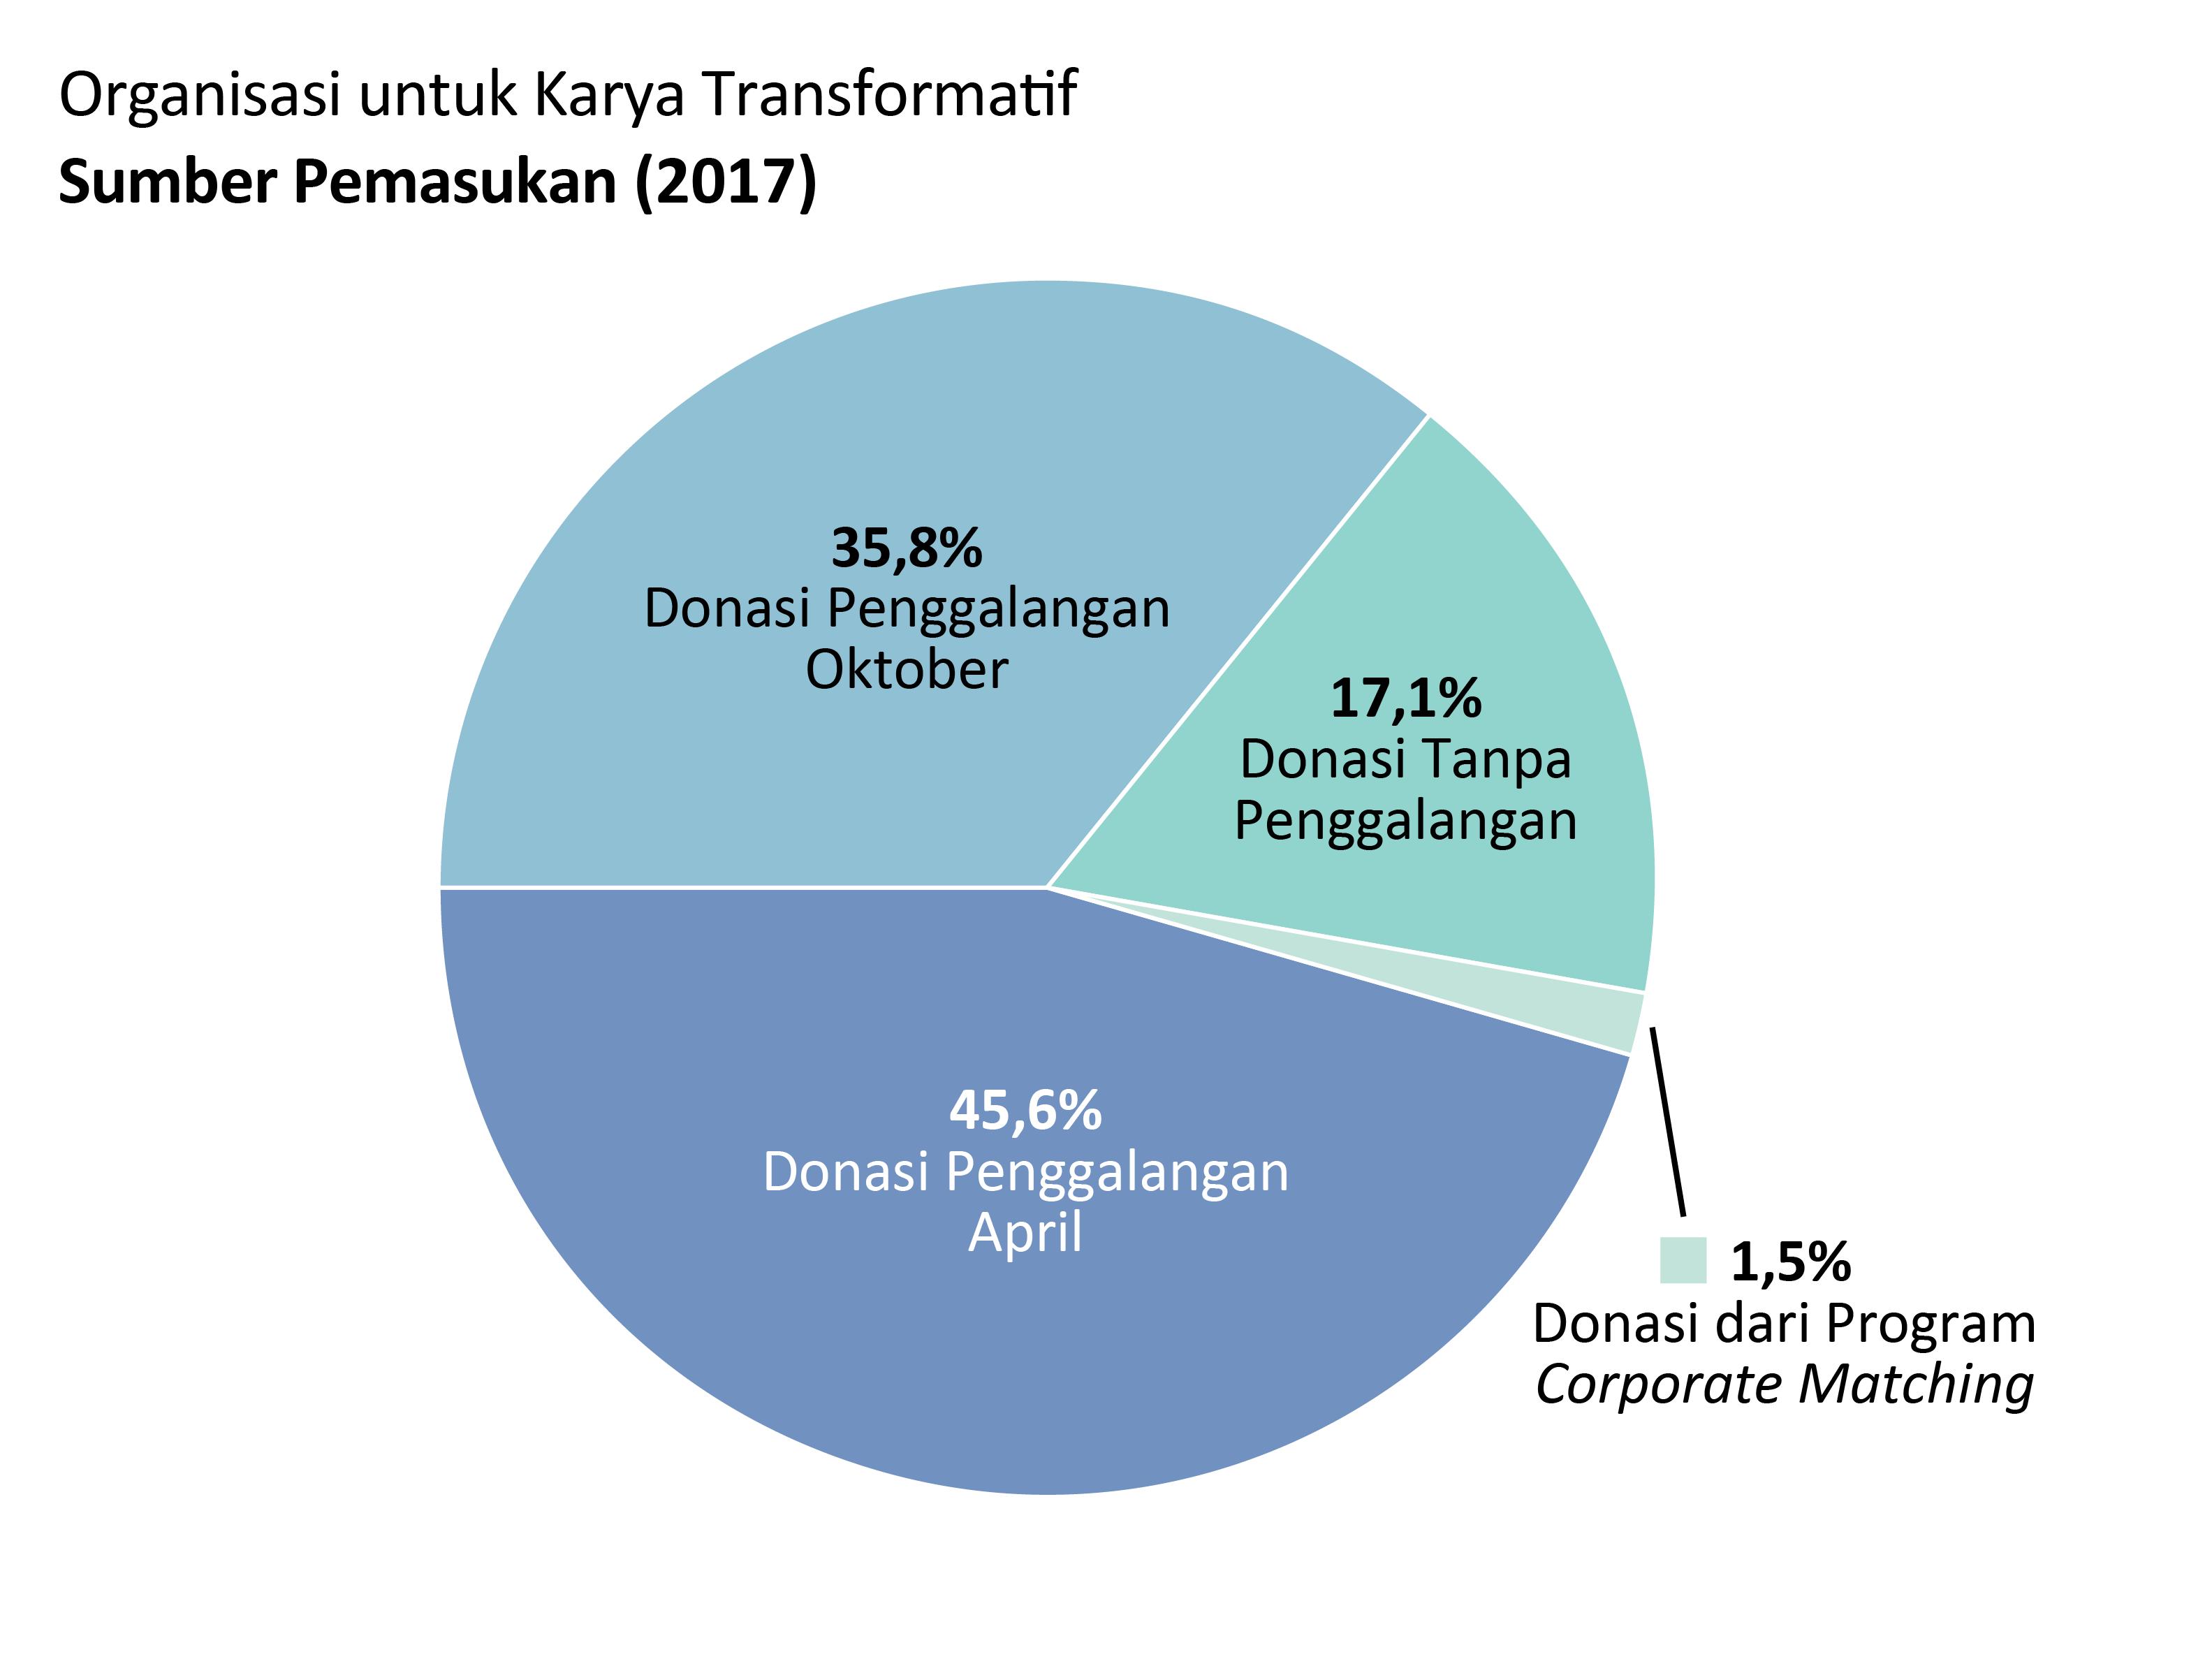 Pemasukan OTW: Donasi penggalangan April: 45.6%, Donasi penggalangan Oktober: 35.8%. Donasi tanpa penggalangan: 17.1%. Donasi dari corporate matching: 1.5%.